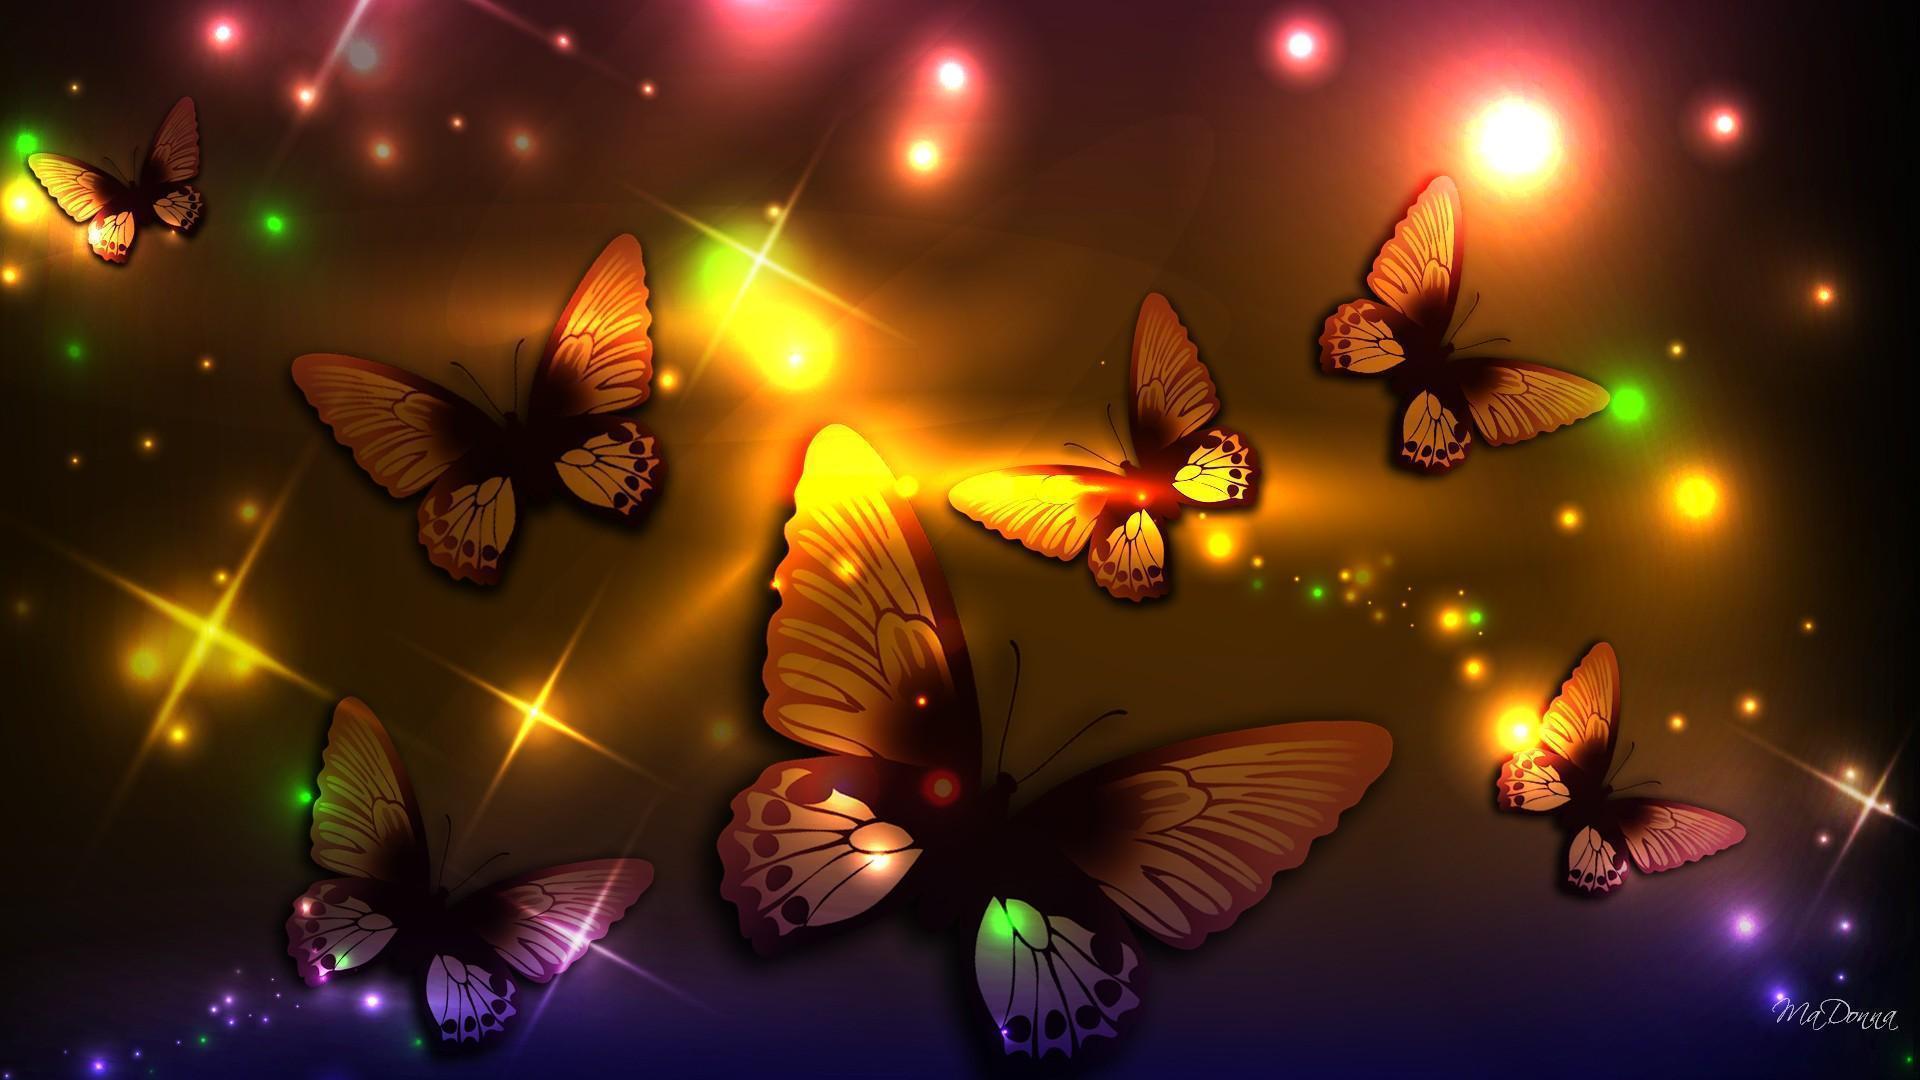 butterfly wallpaper high - photo #49